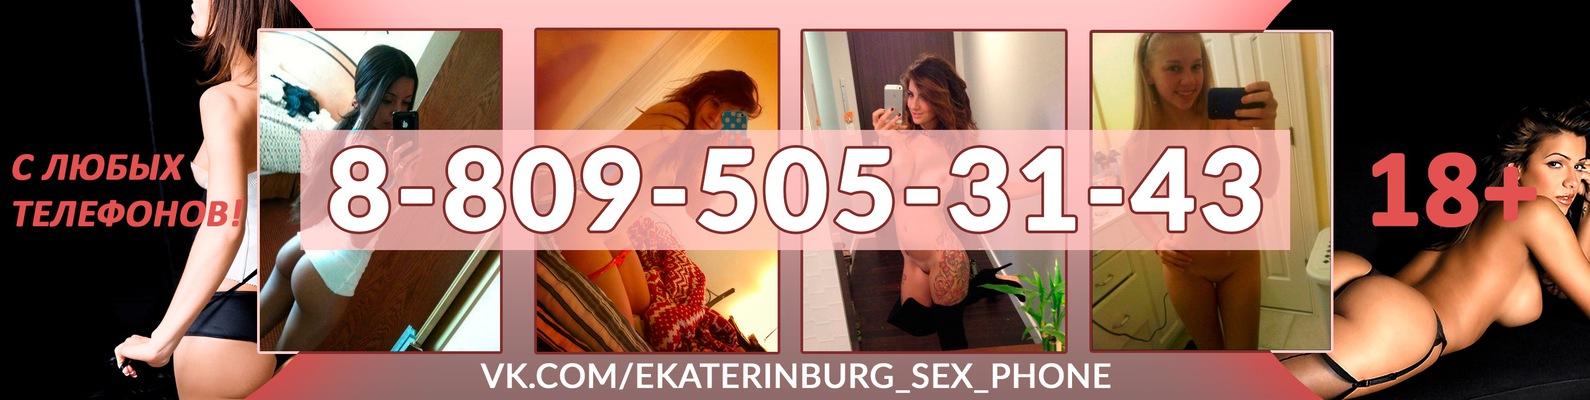 занимается секс по телефону в новосибирске при